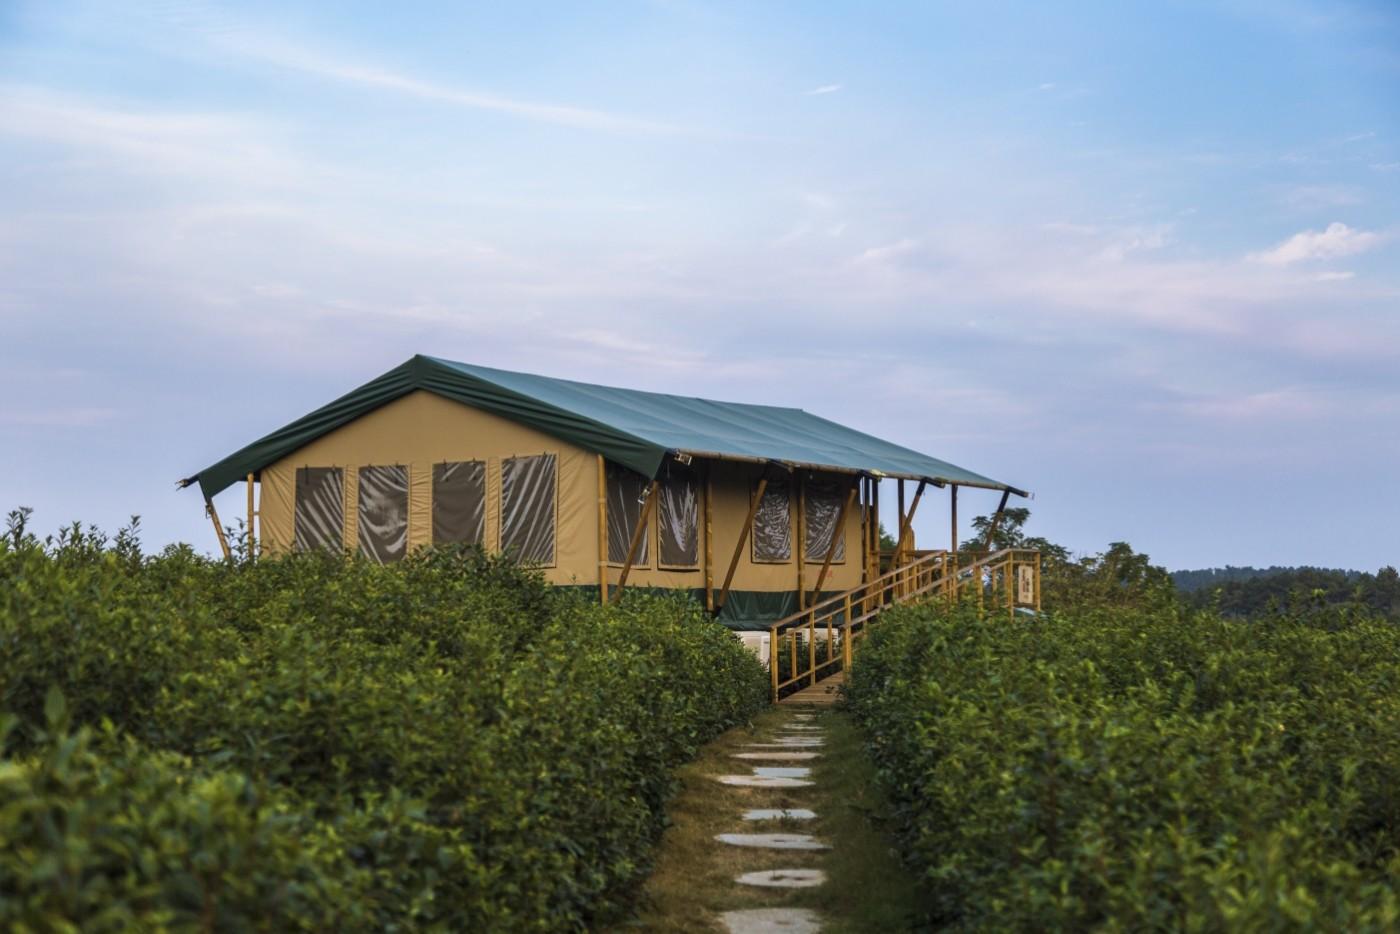 喜马拉雅野奢帐篷酒店—宝盛园夜色9